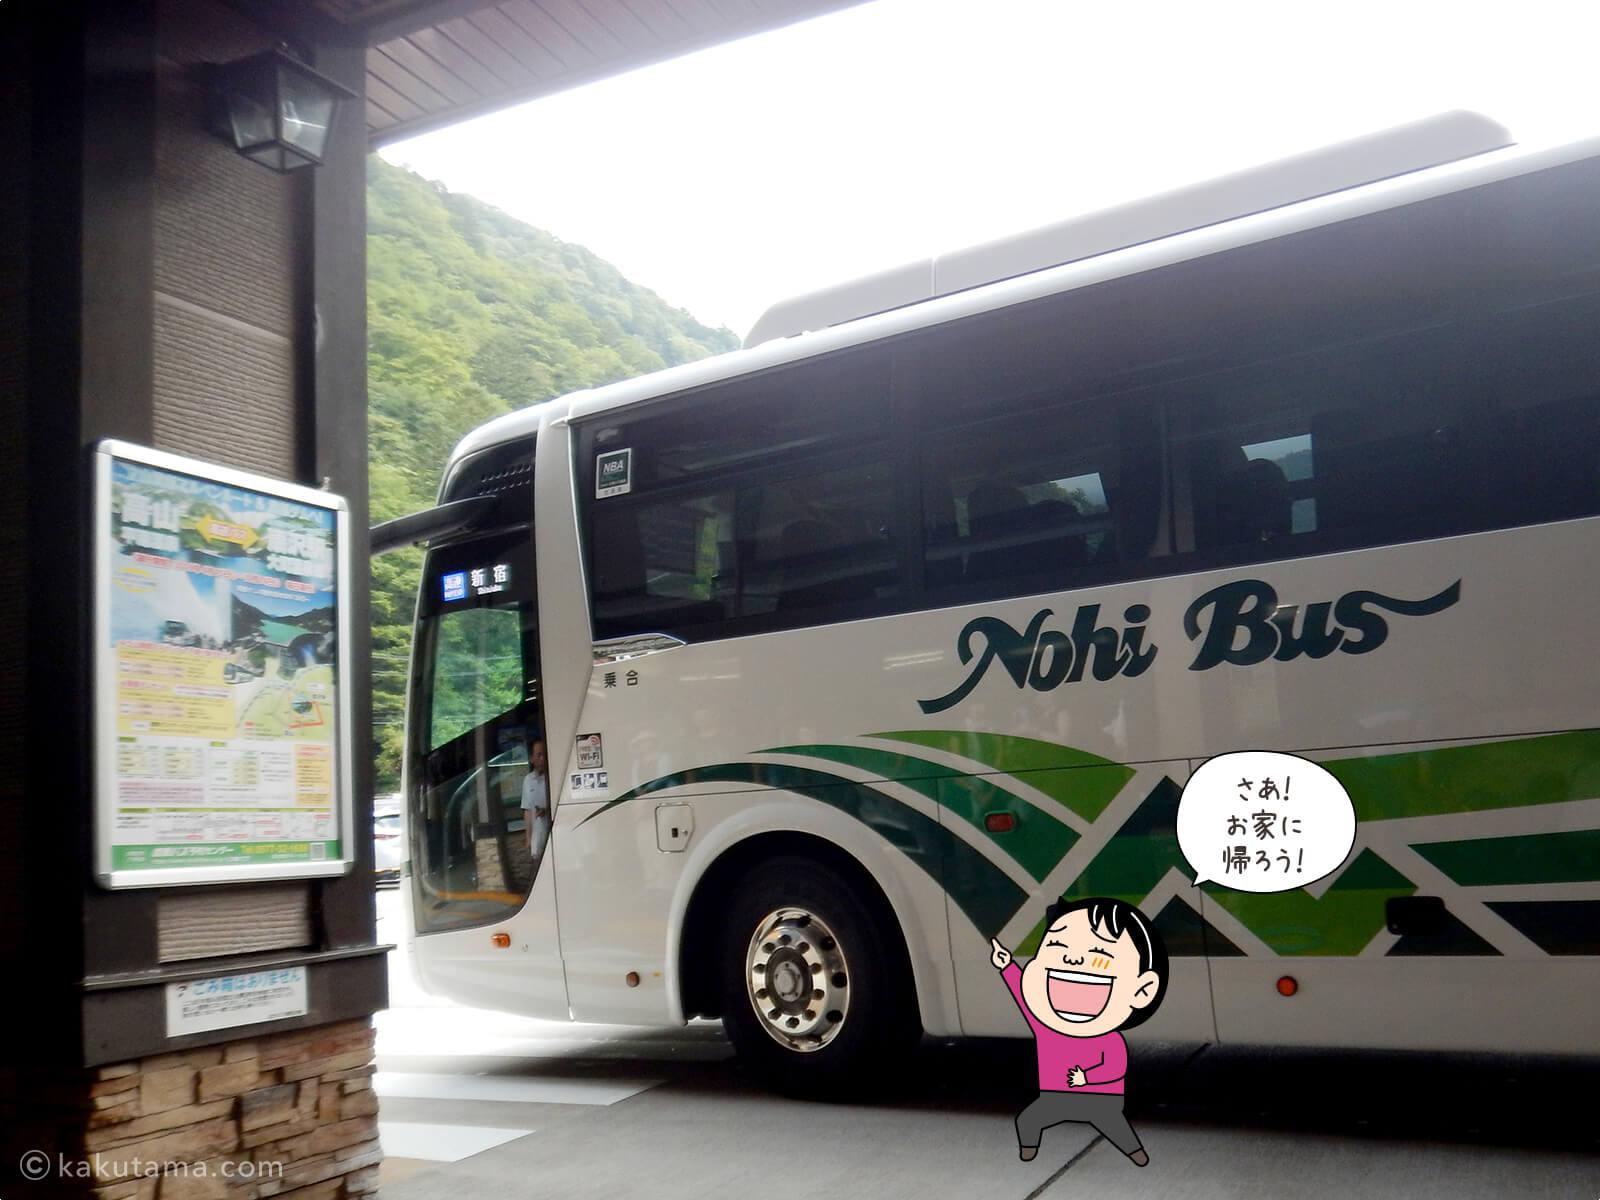 平湯温泉から長距離バスに乗って帰宅